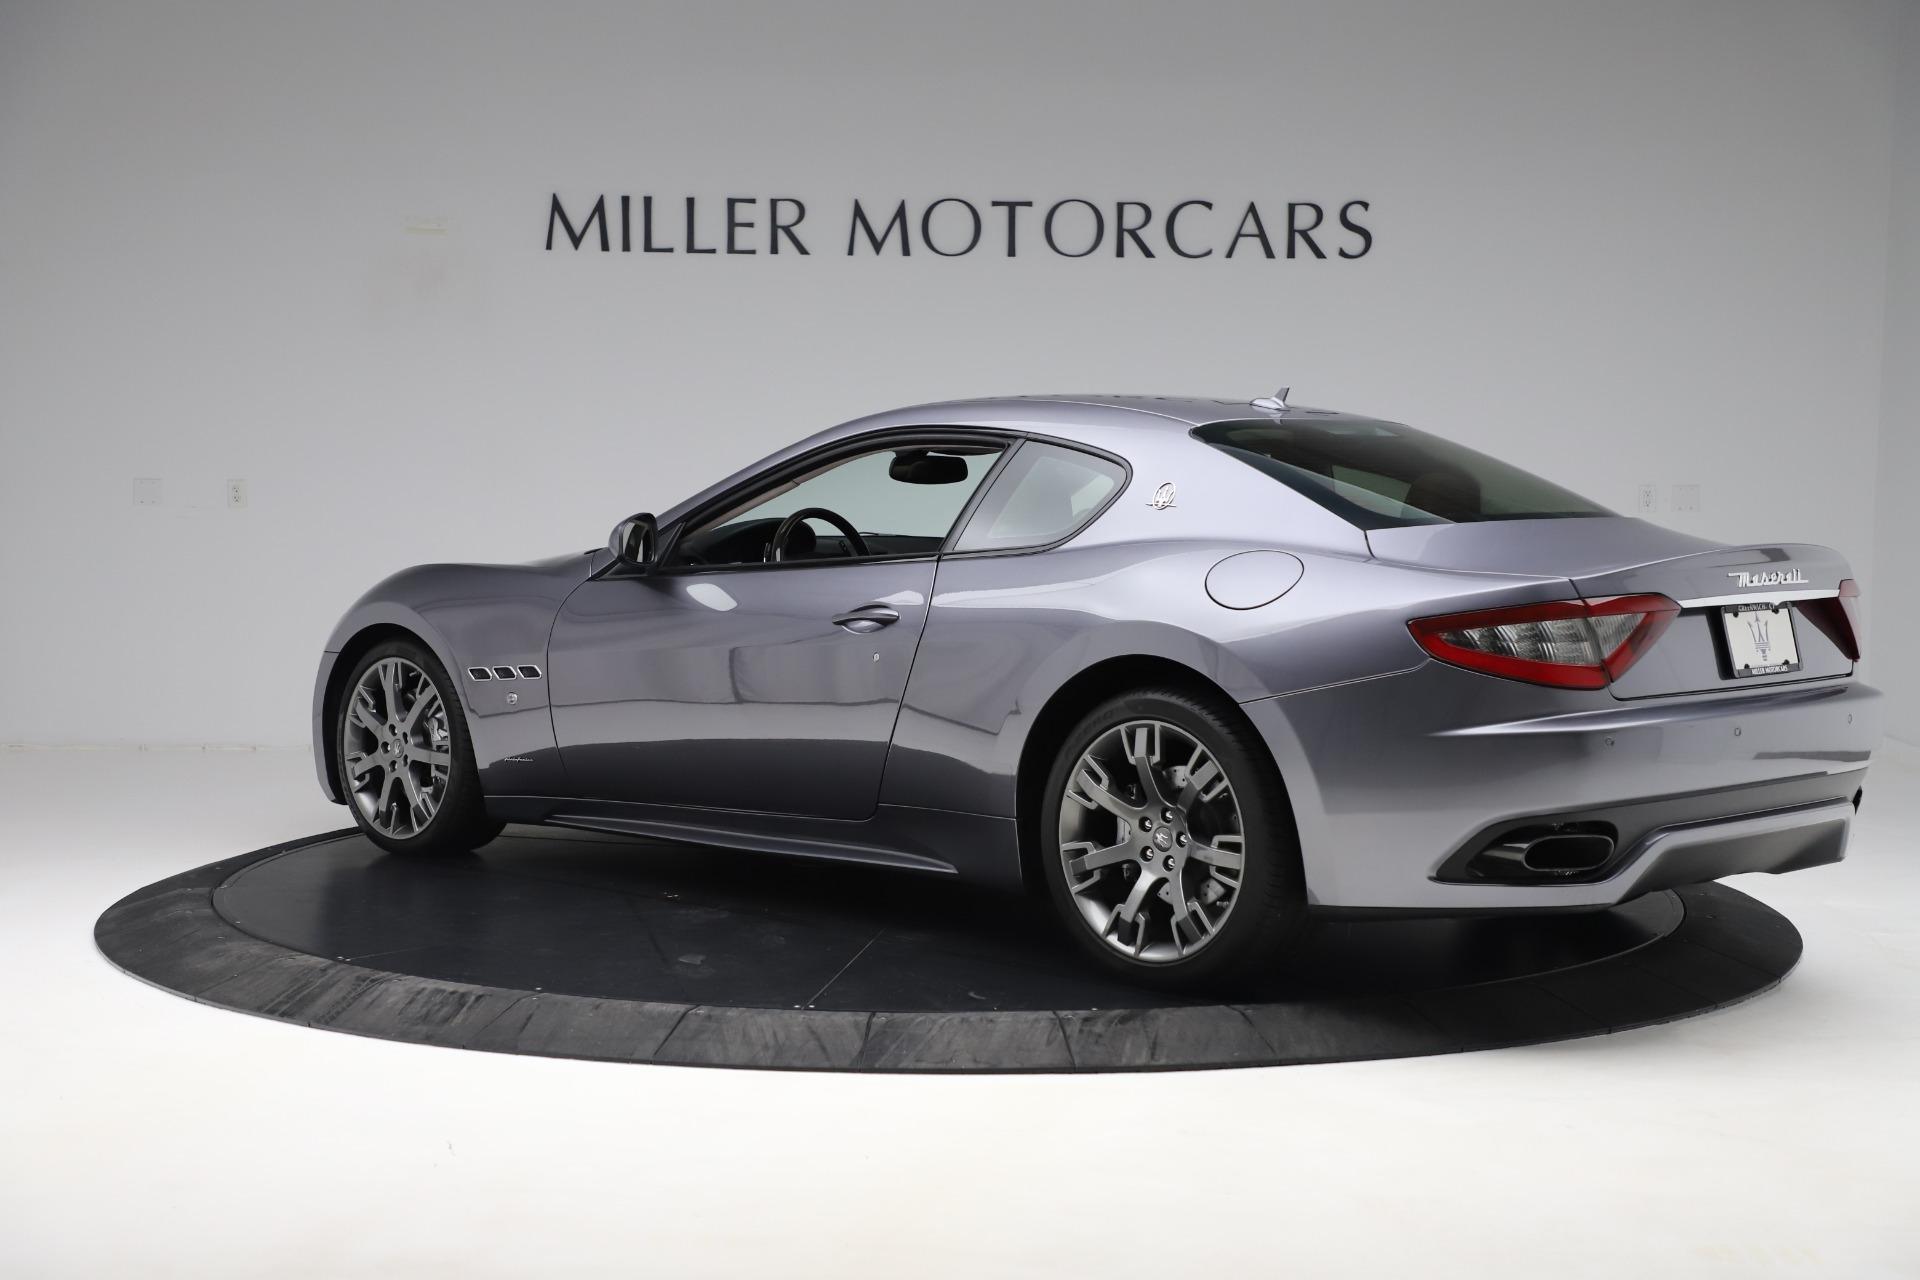 New 2016 Maserati GranTurismo Sport- TEST DRIVE SPECIAL For Sale In Greenwich, CT 166_p4